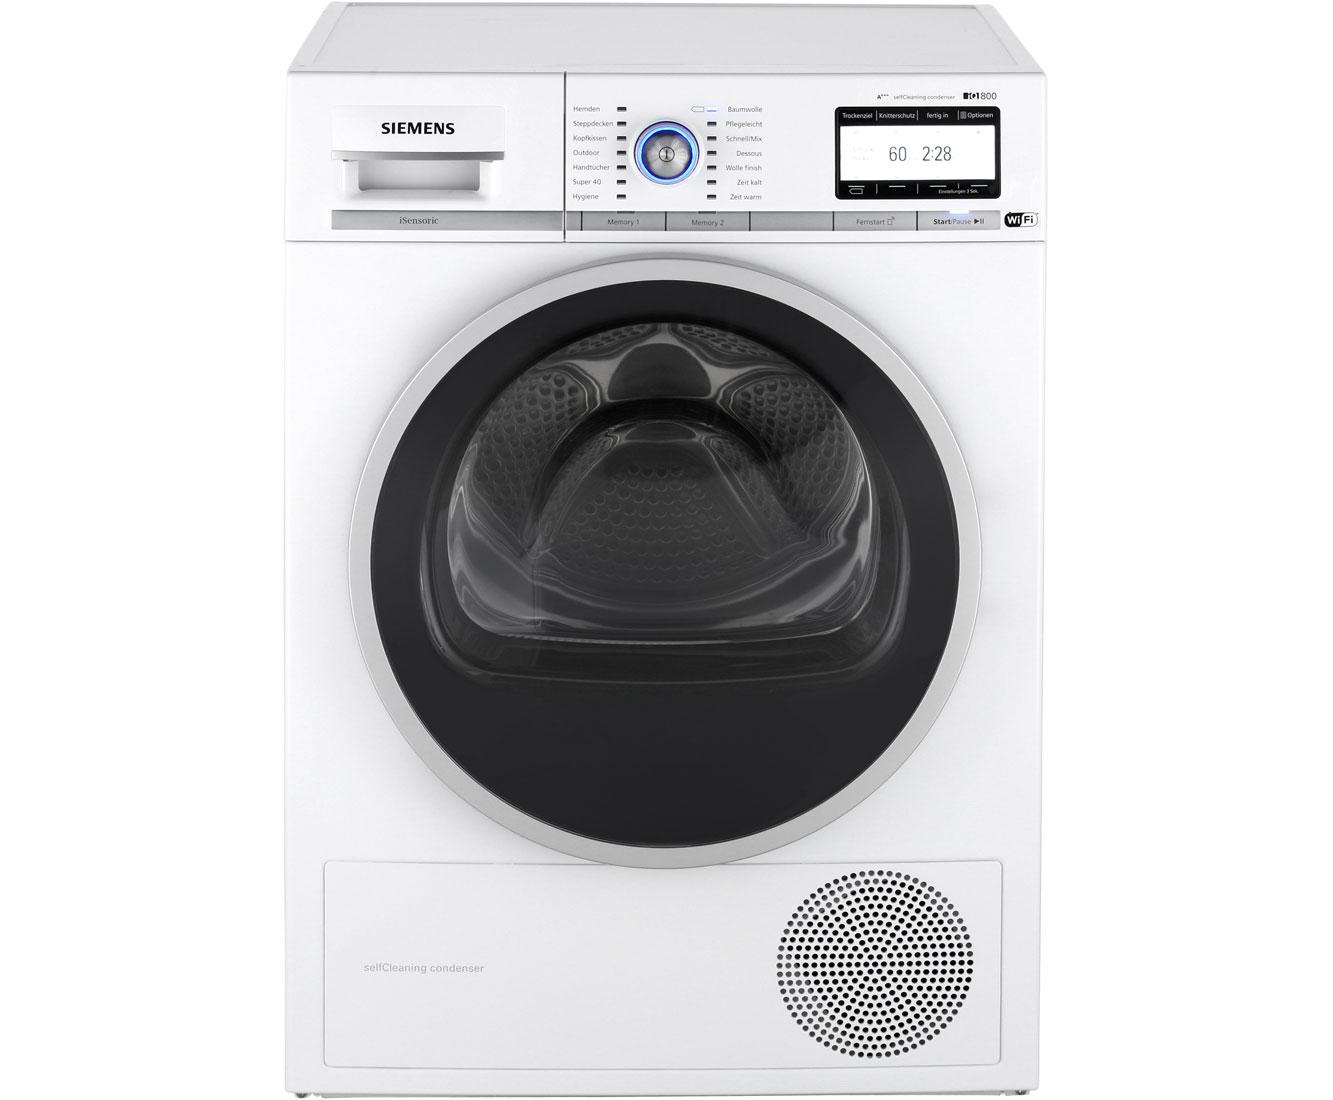 Siemens iQ800 WT7YH701 Wärmepumpentrockner - Weiß | Bad > Waschmaschinen und Trockner > Wärmepumpentrockner | Weiß | Siemens